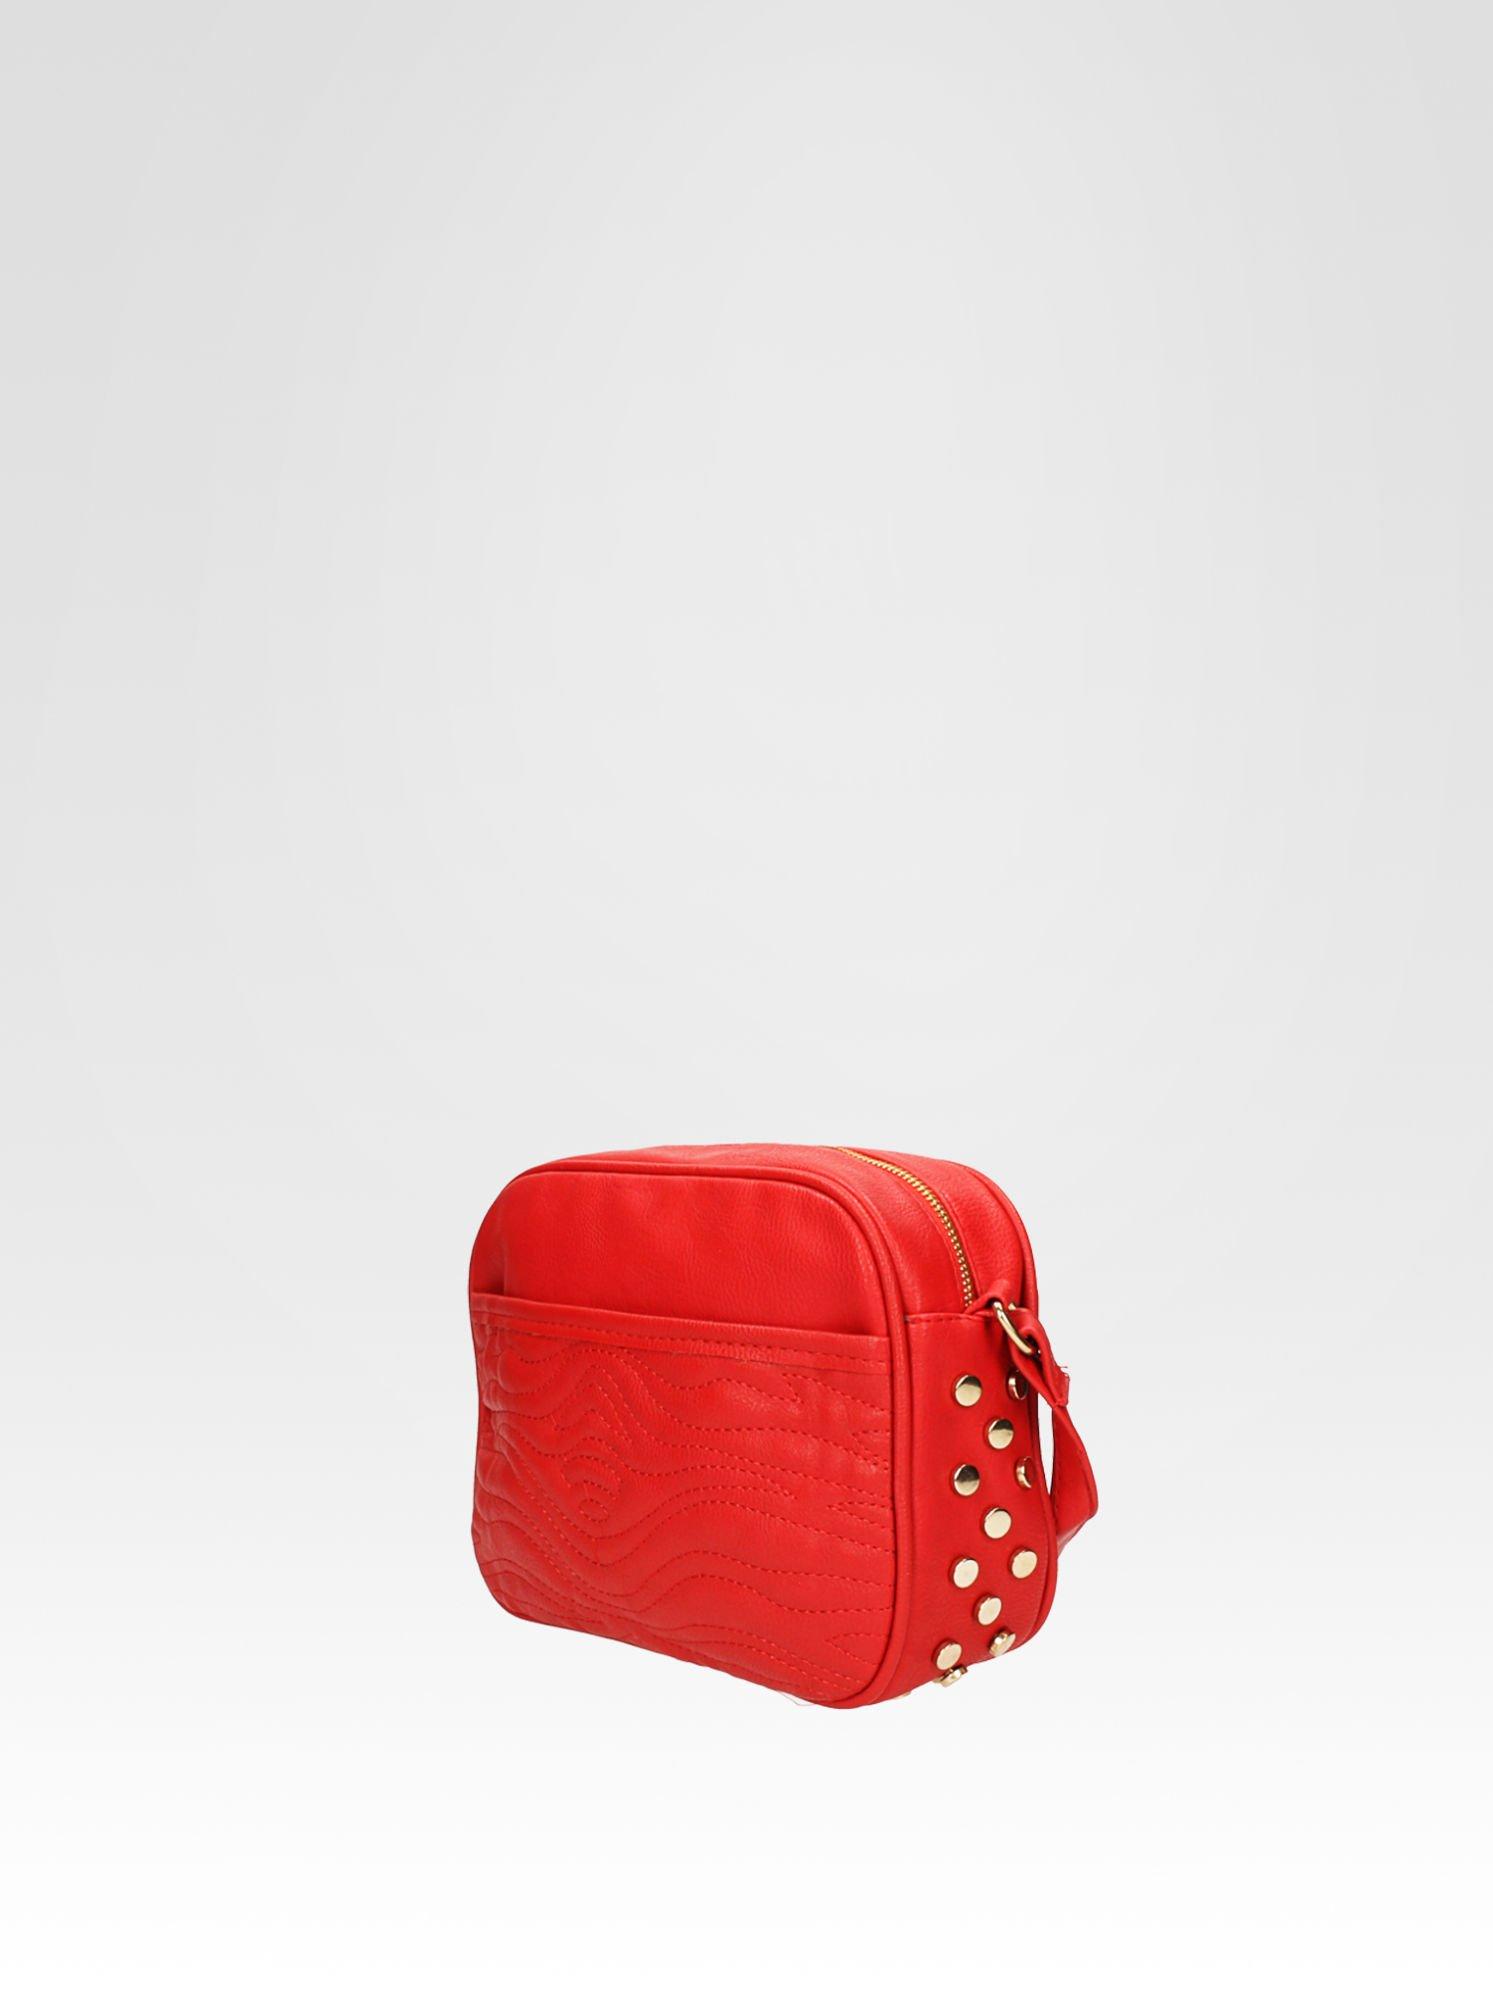 Czerwona mała torebka listonoszka z dżetami                                  zdj.                                  3